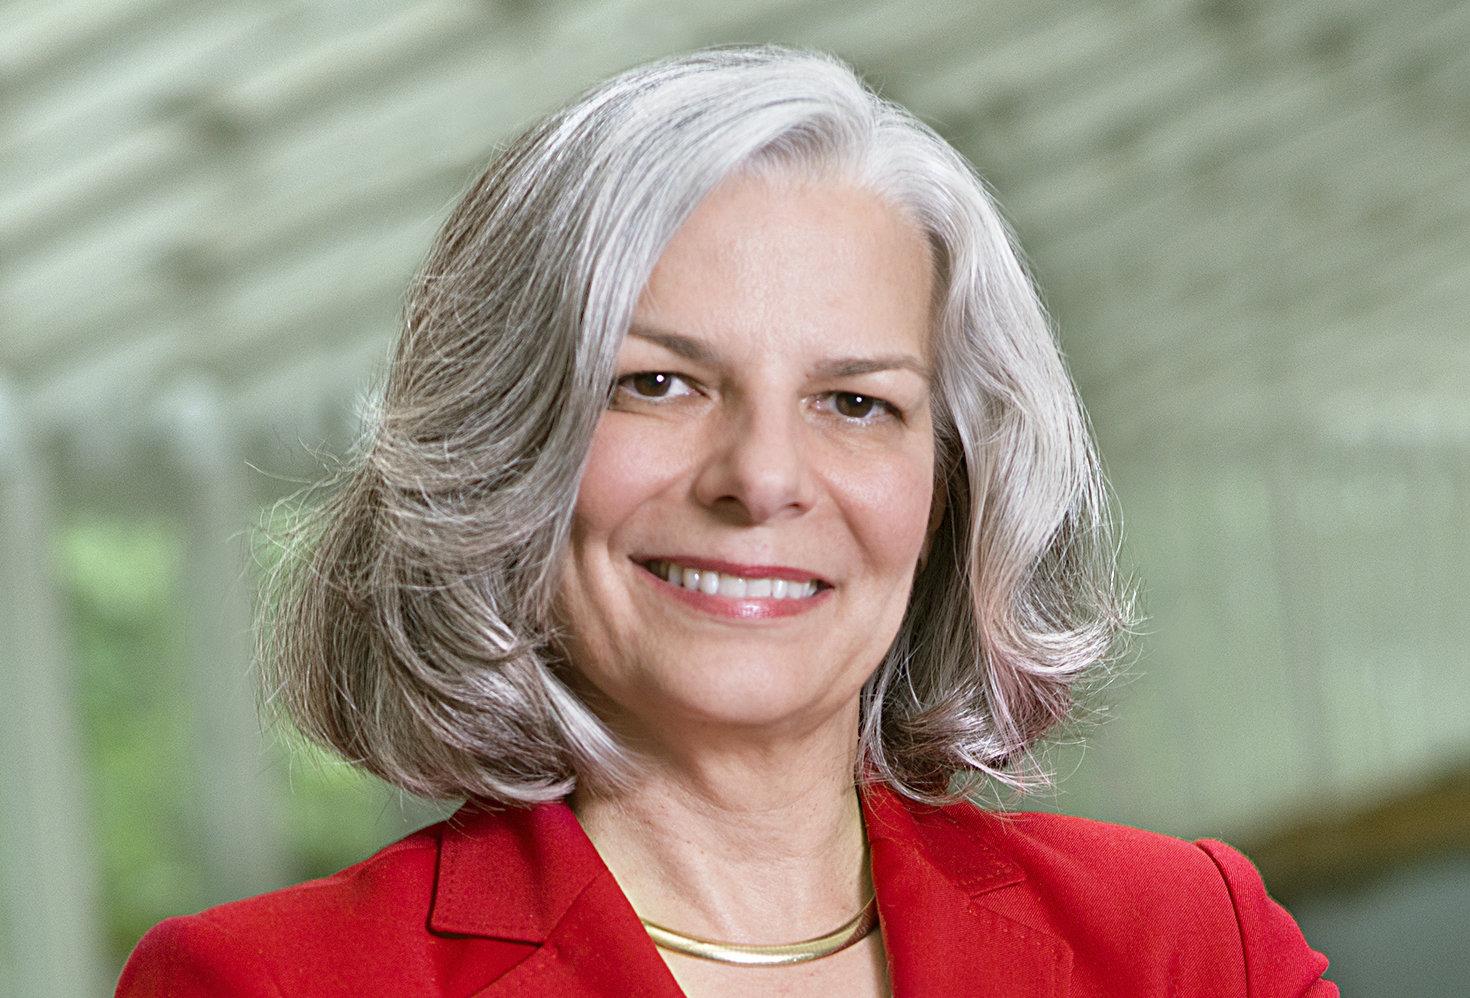 Photo of Julie L. Gerberding, M.D., M.P.H.